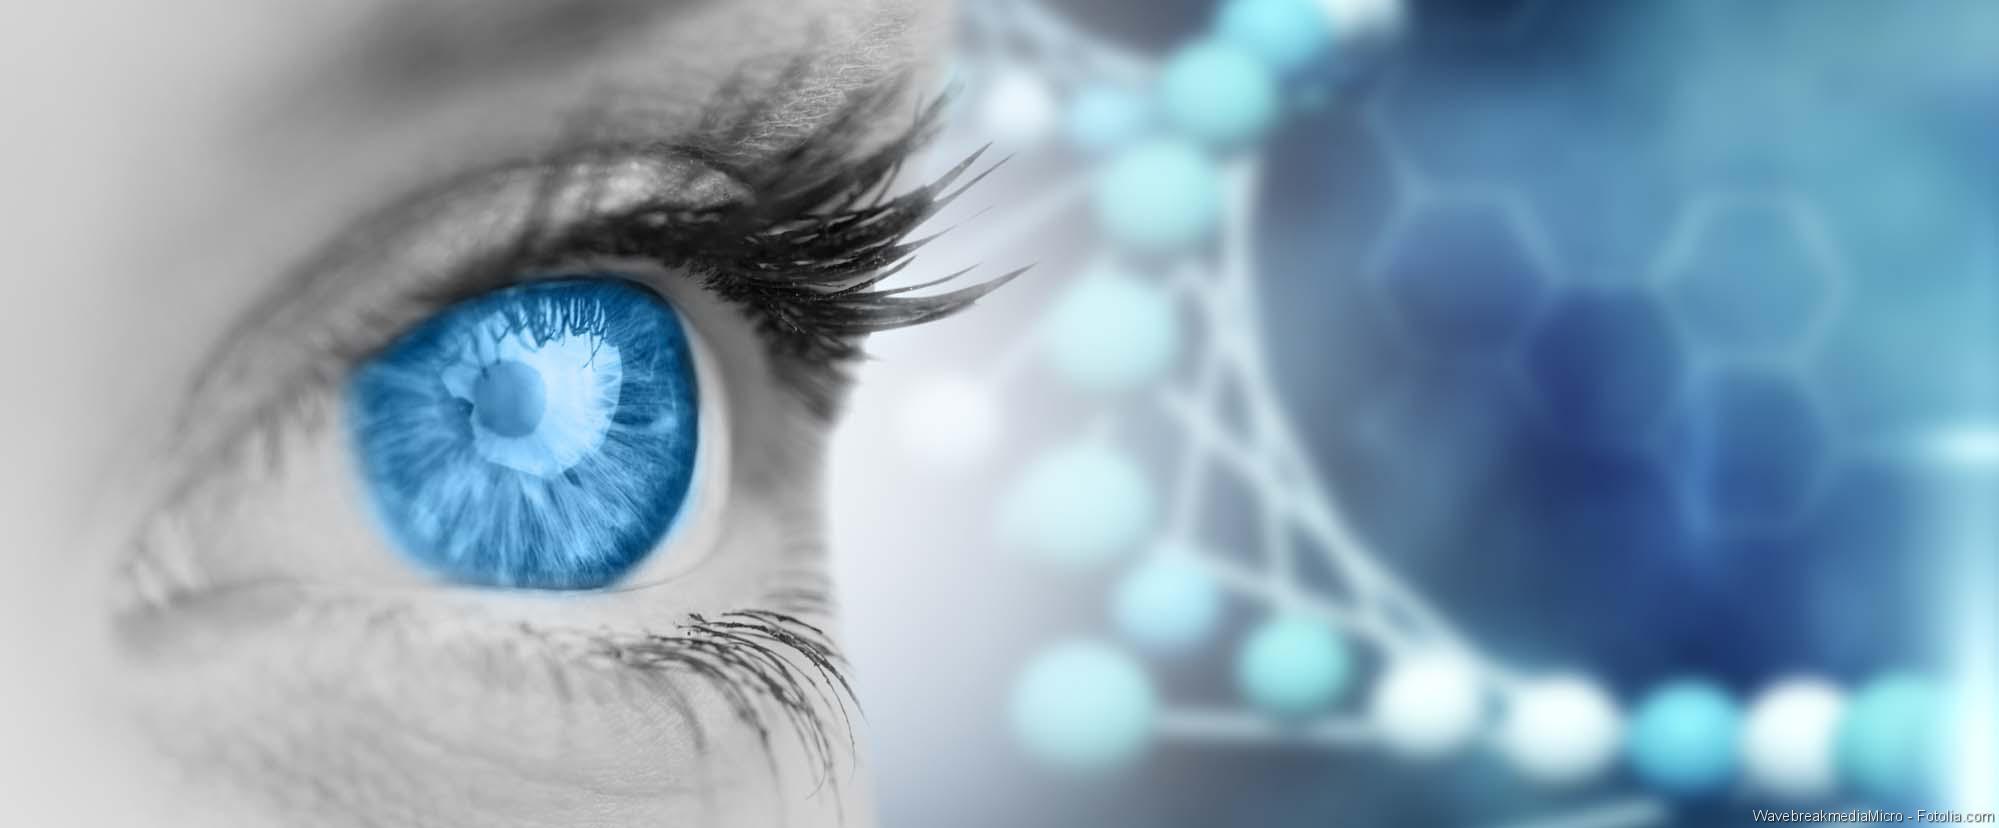 Neue Erkenntnisse über das Augenverdrehen - MEDIZIN ASPEKTE